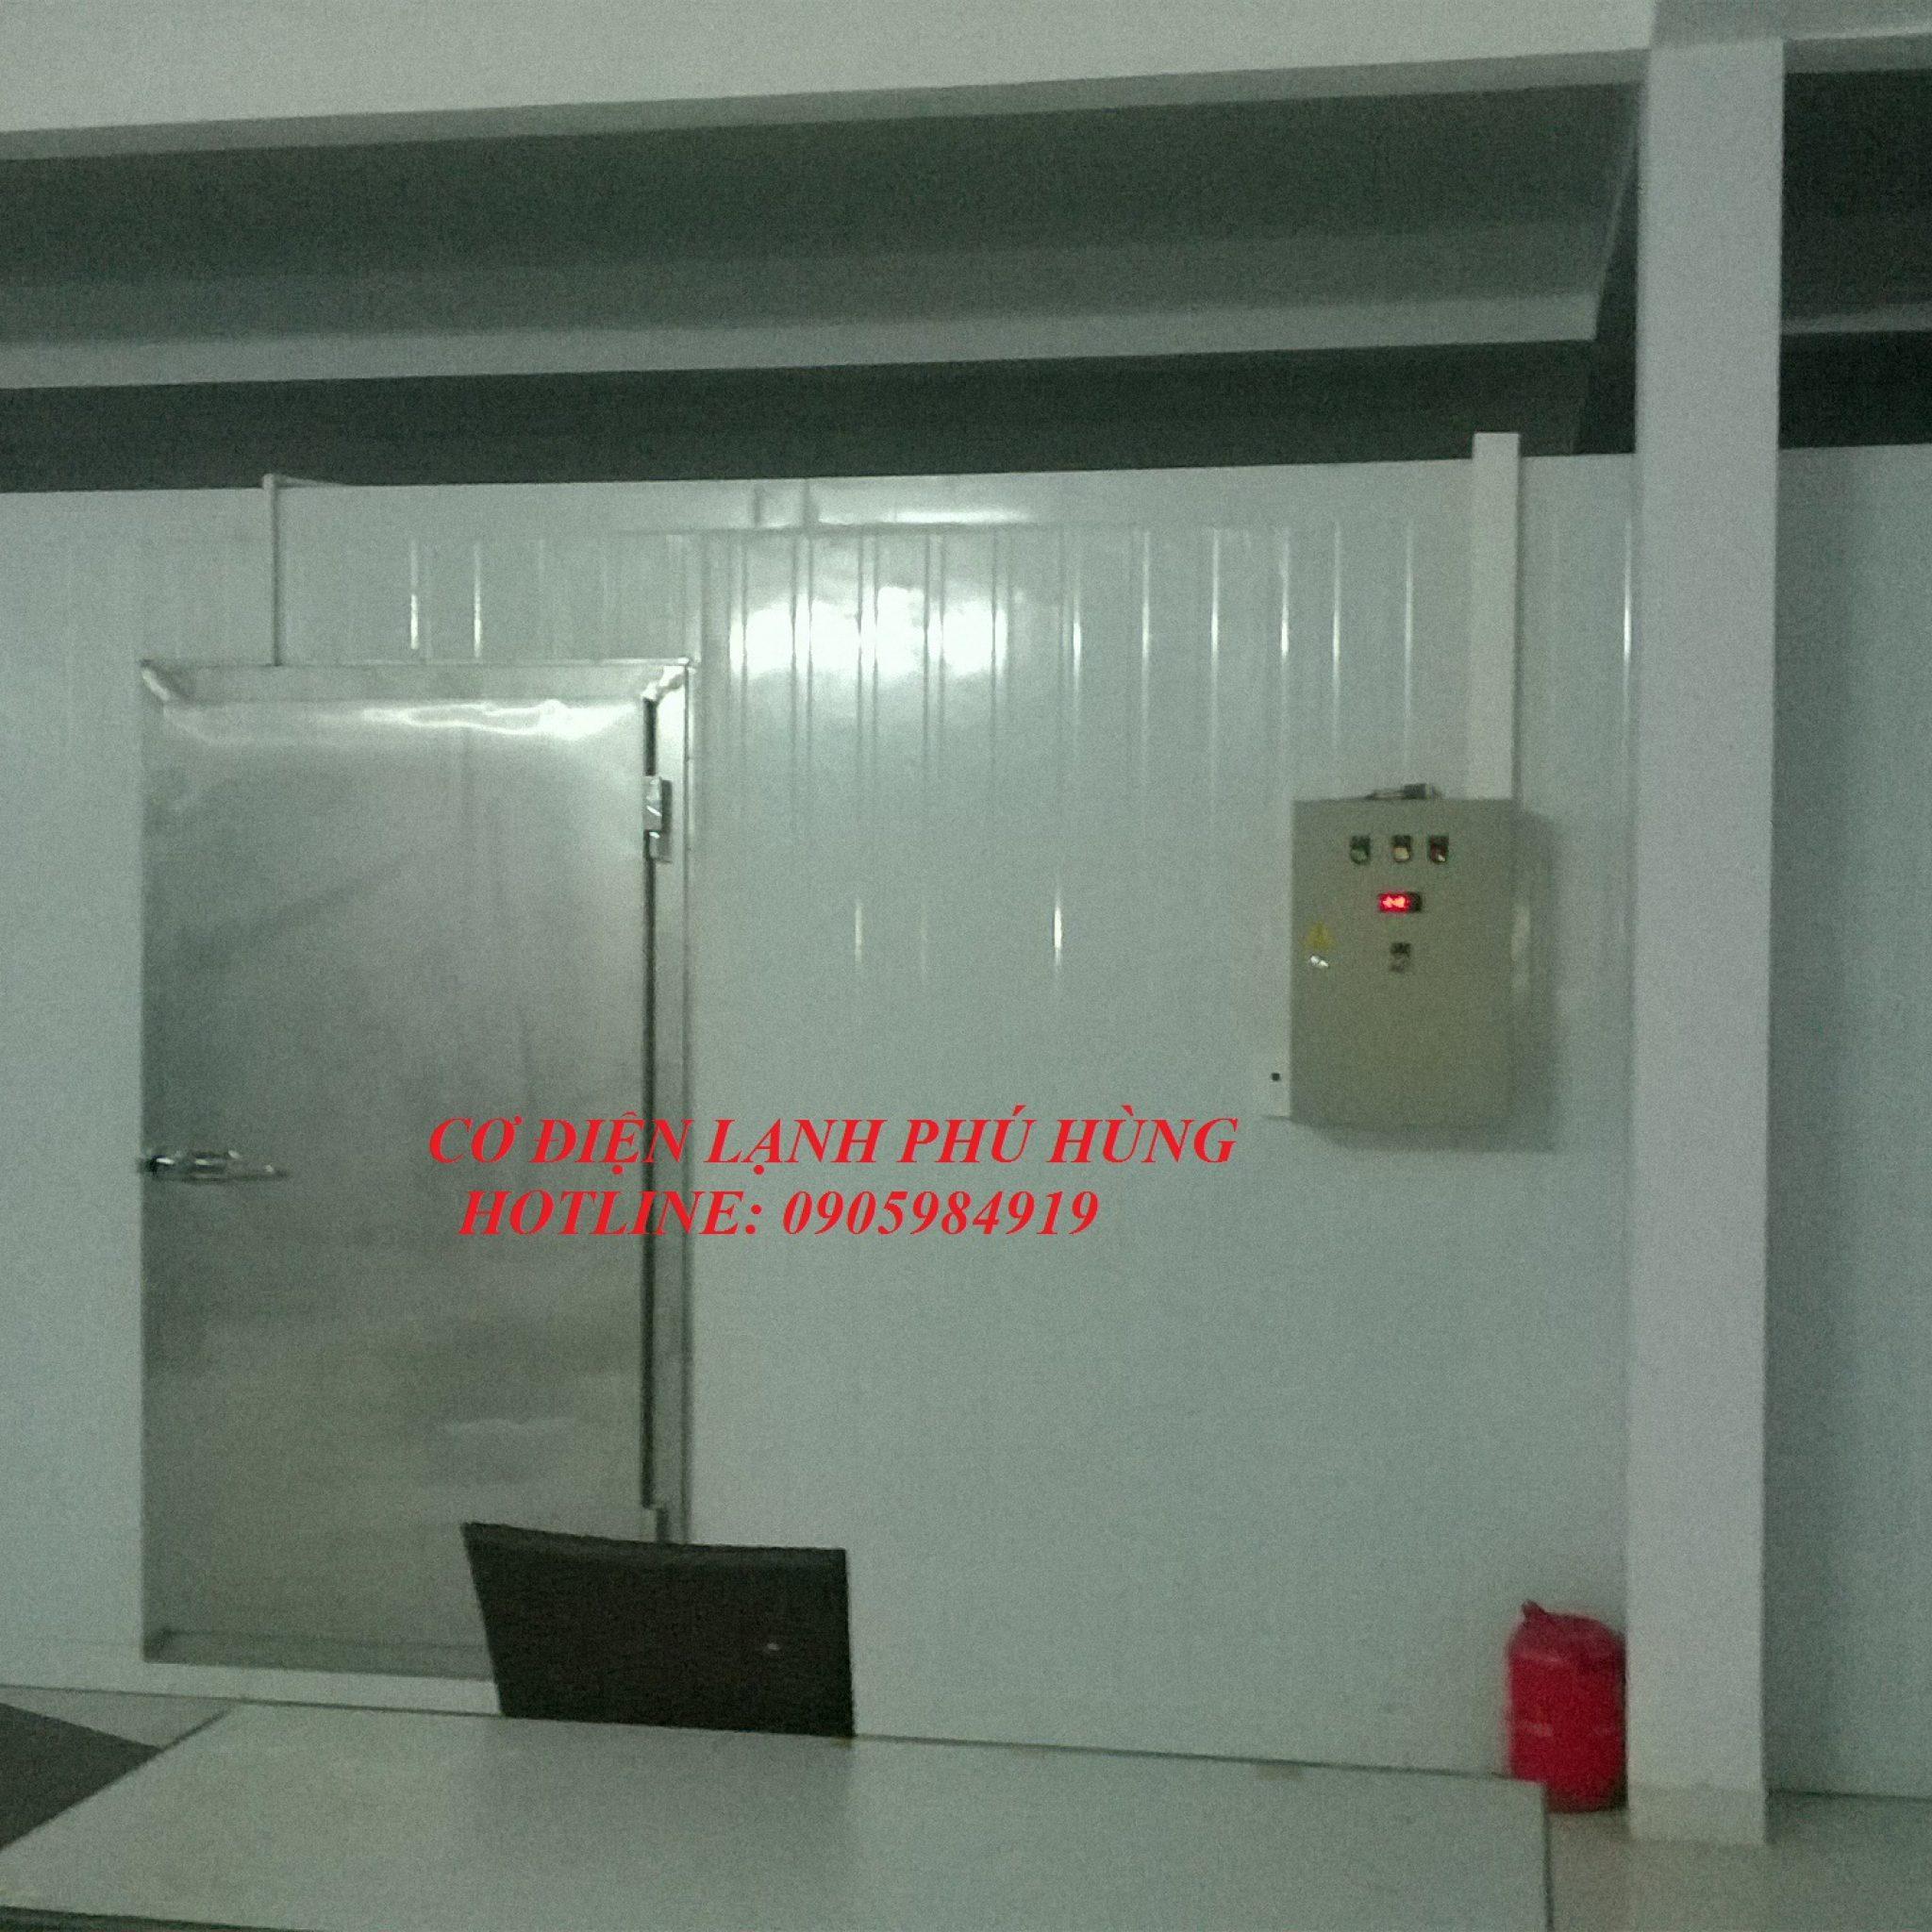 10 - lắp đặt kho lạnh tại siêu thị Kmart Đà Nẵng  cơ sở 2